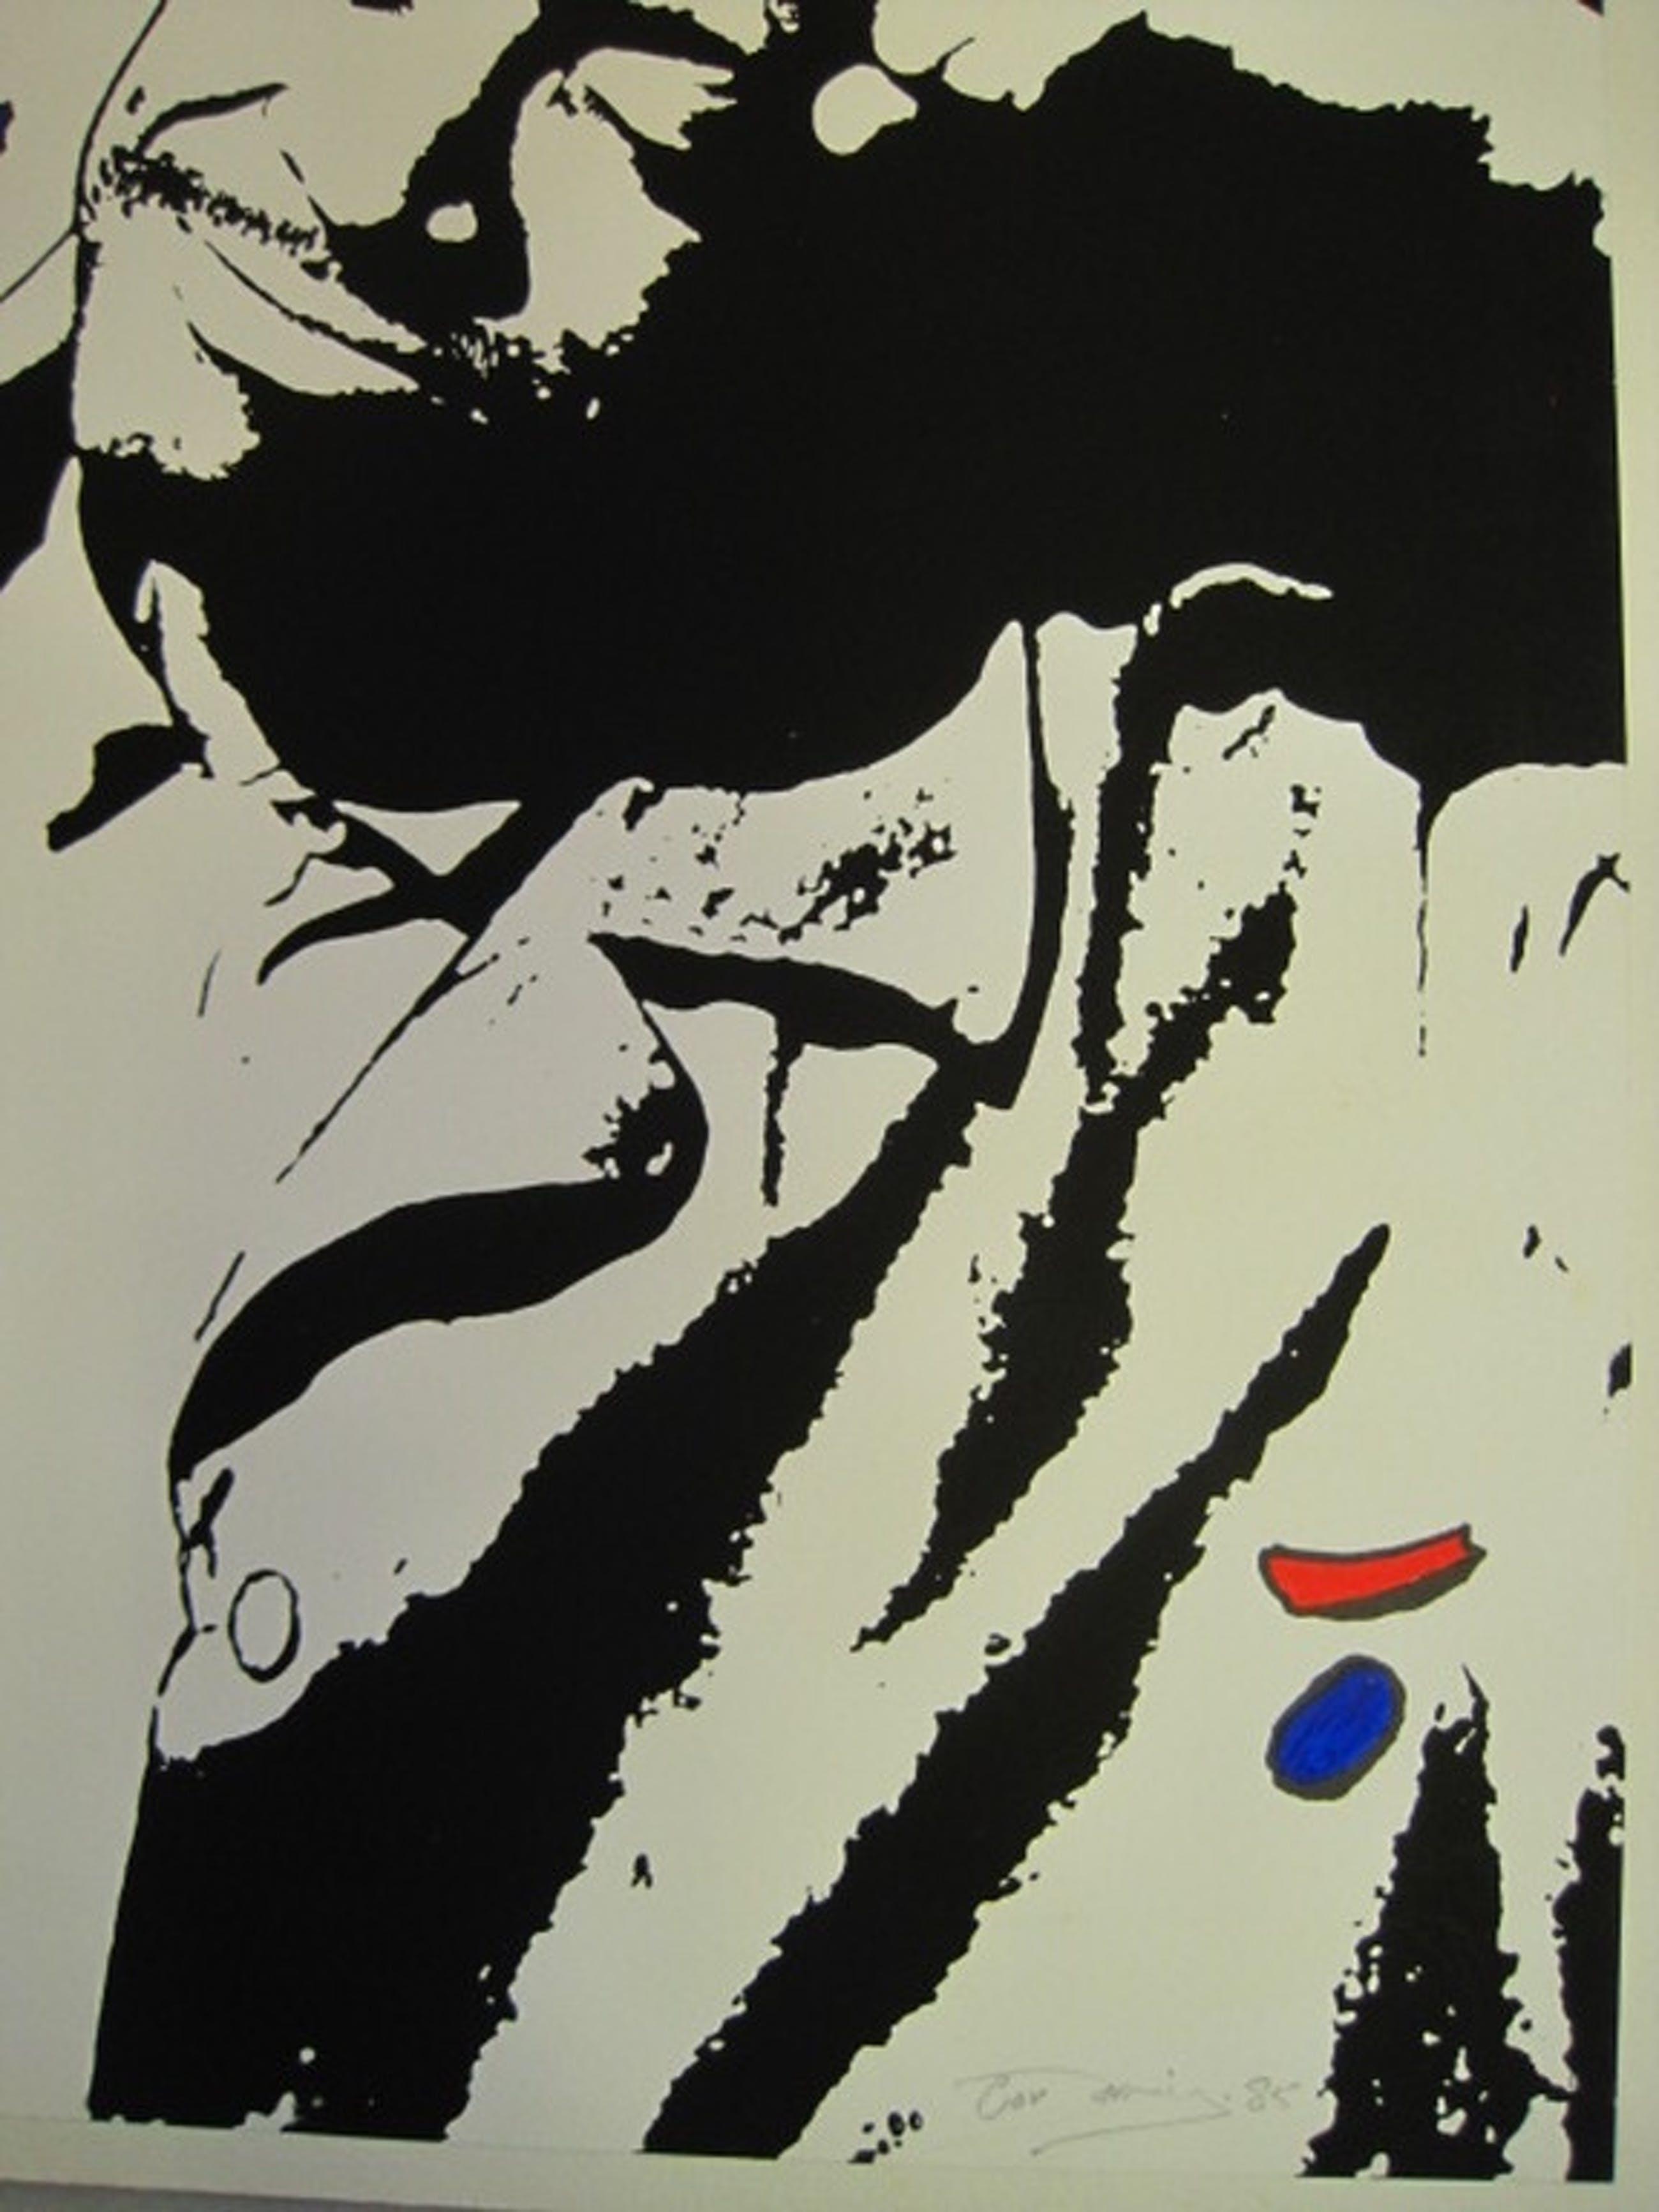 """Cor Jaring (1936-2013) Amsterdam """"Relax"""" gem.techniek gesigneerd 1985 kopen? Bied vanaf 1!"""